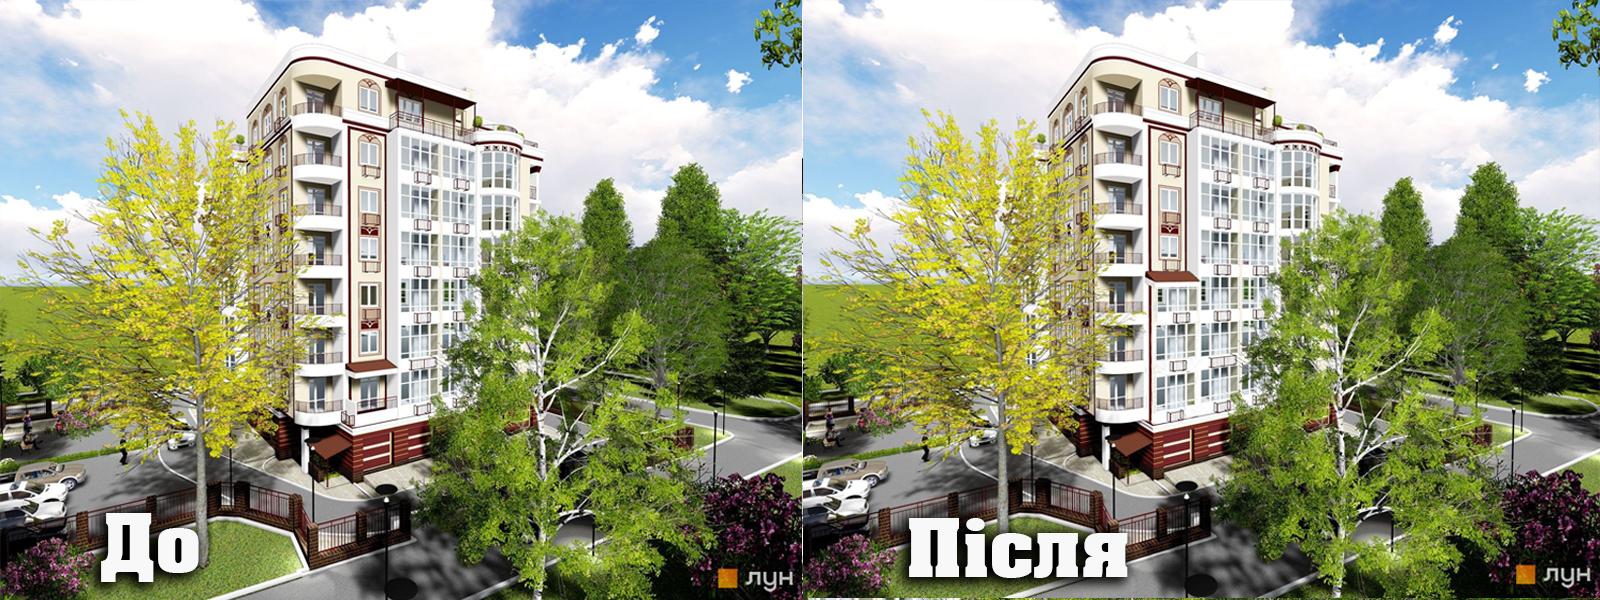 Фото Завдання: змінити проект...перемалювати, перенести піддашок вище з 1 поверху на 3, та застіклити перші три поверхи лоджами замість звичайних вікон